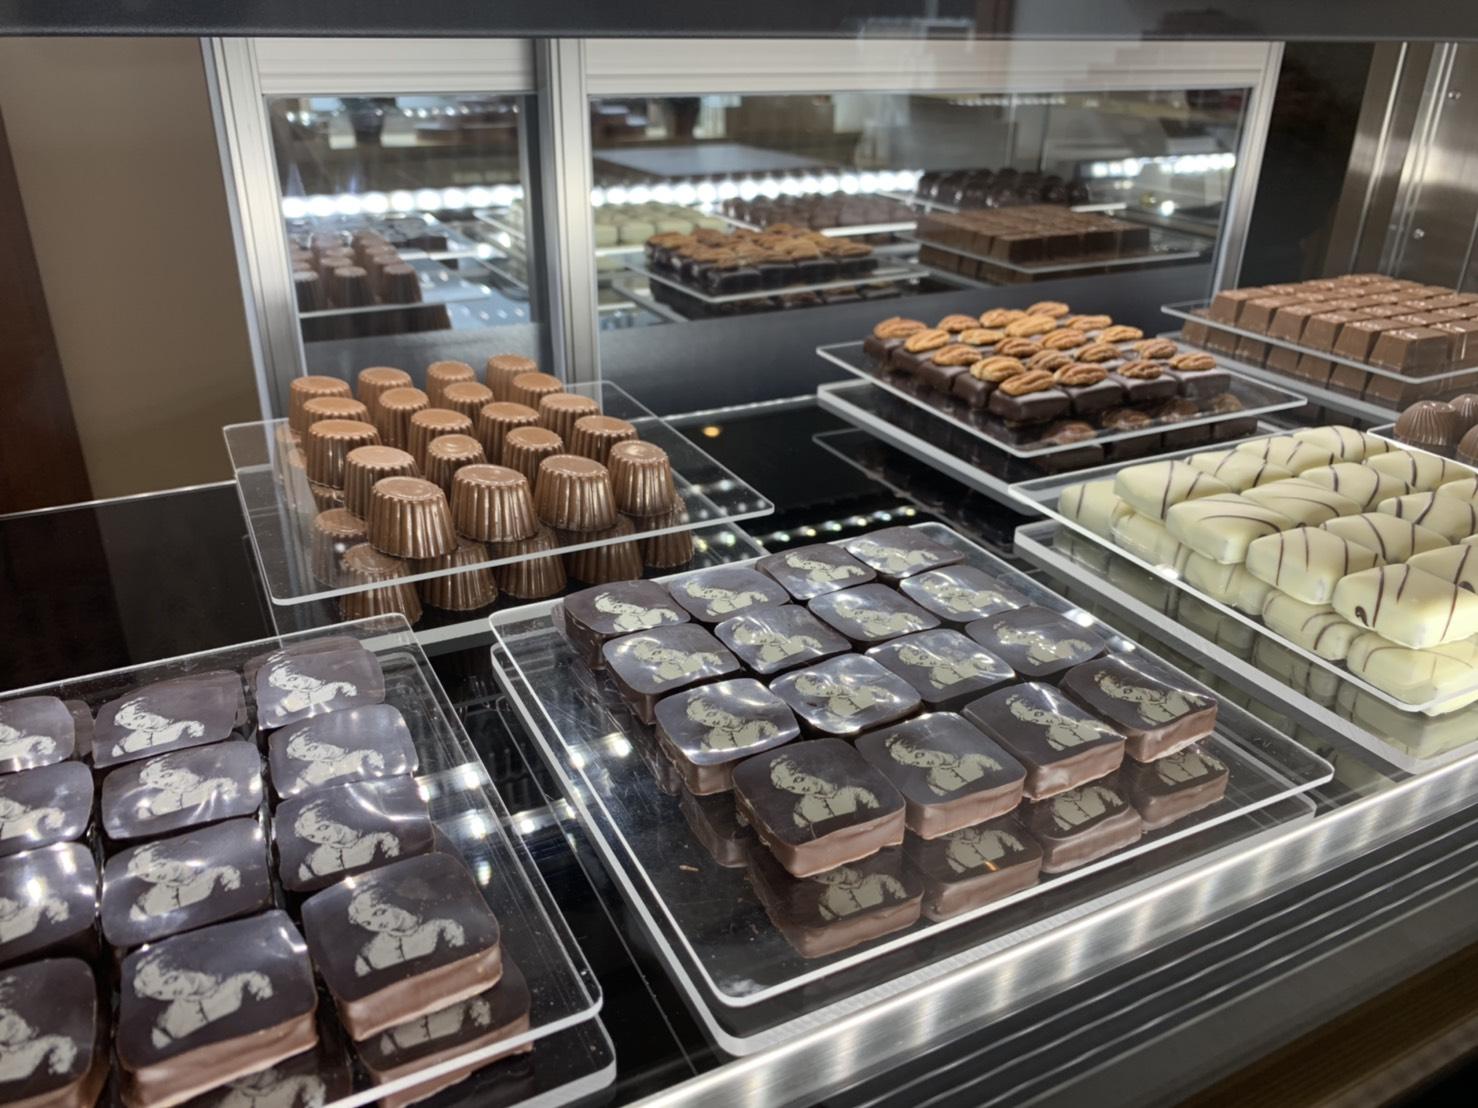 バレンタインにおすすめ♡日本初上陸のインスタ映えチョコレート店「Madame Delluc」がオープン_4